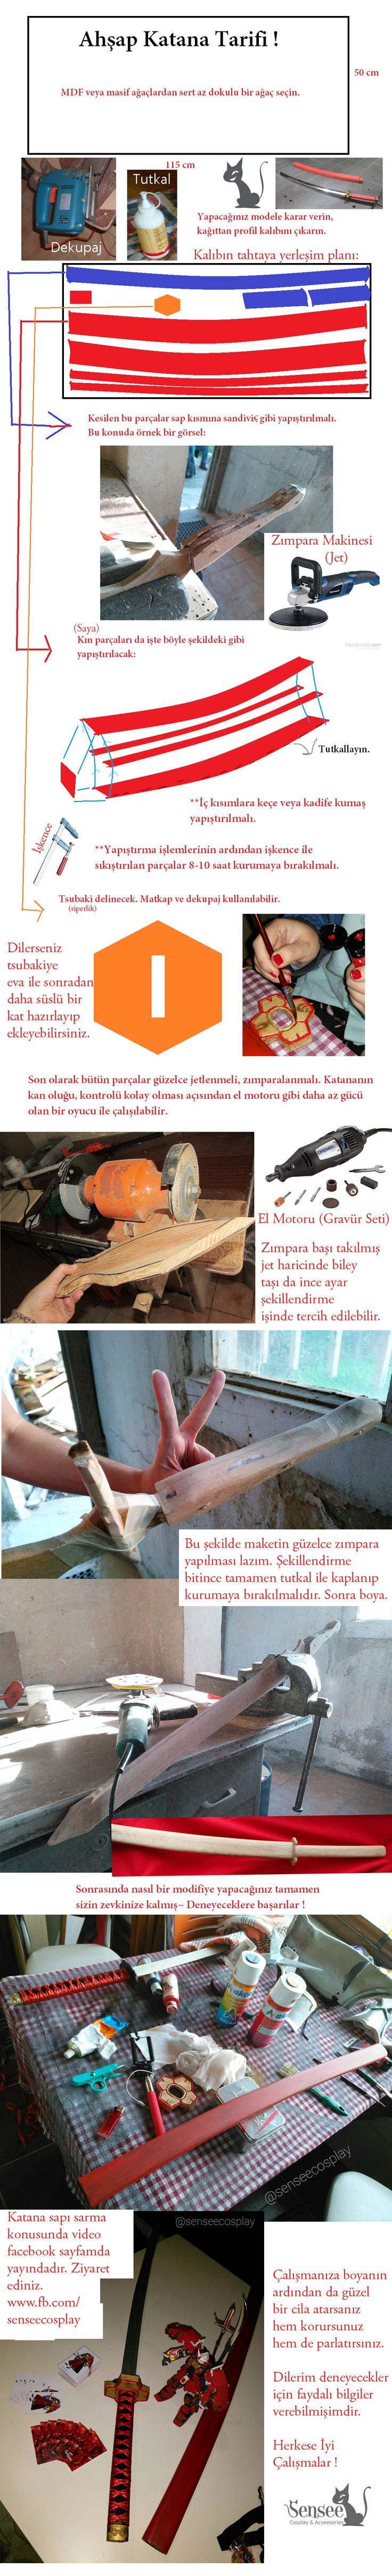 Türkçe Katana Yapılışı Yöntemleri ve malzemeleri. Ahşap katana nasıl yapılır? #senseecosplay